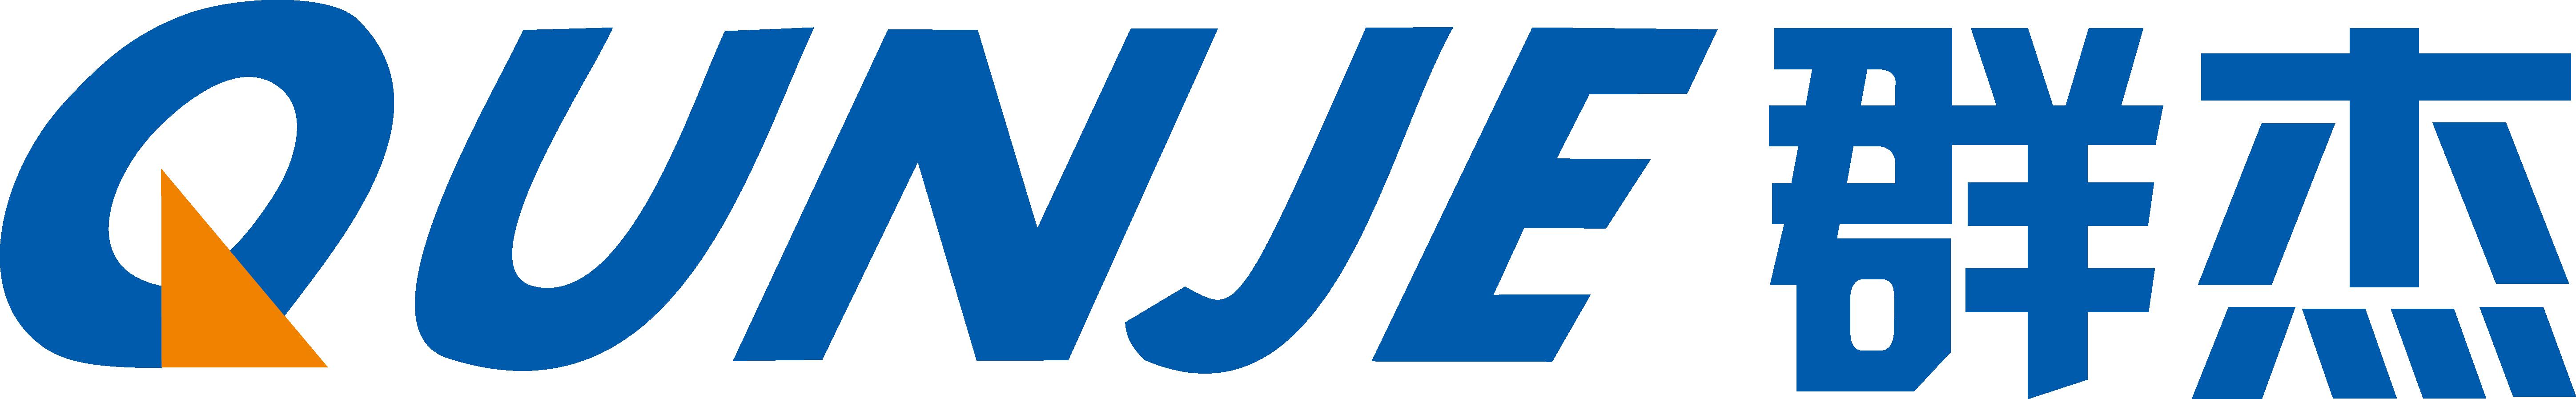 色七七影院logo